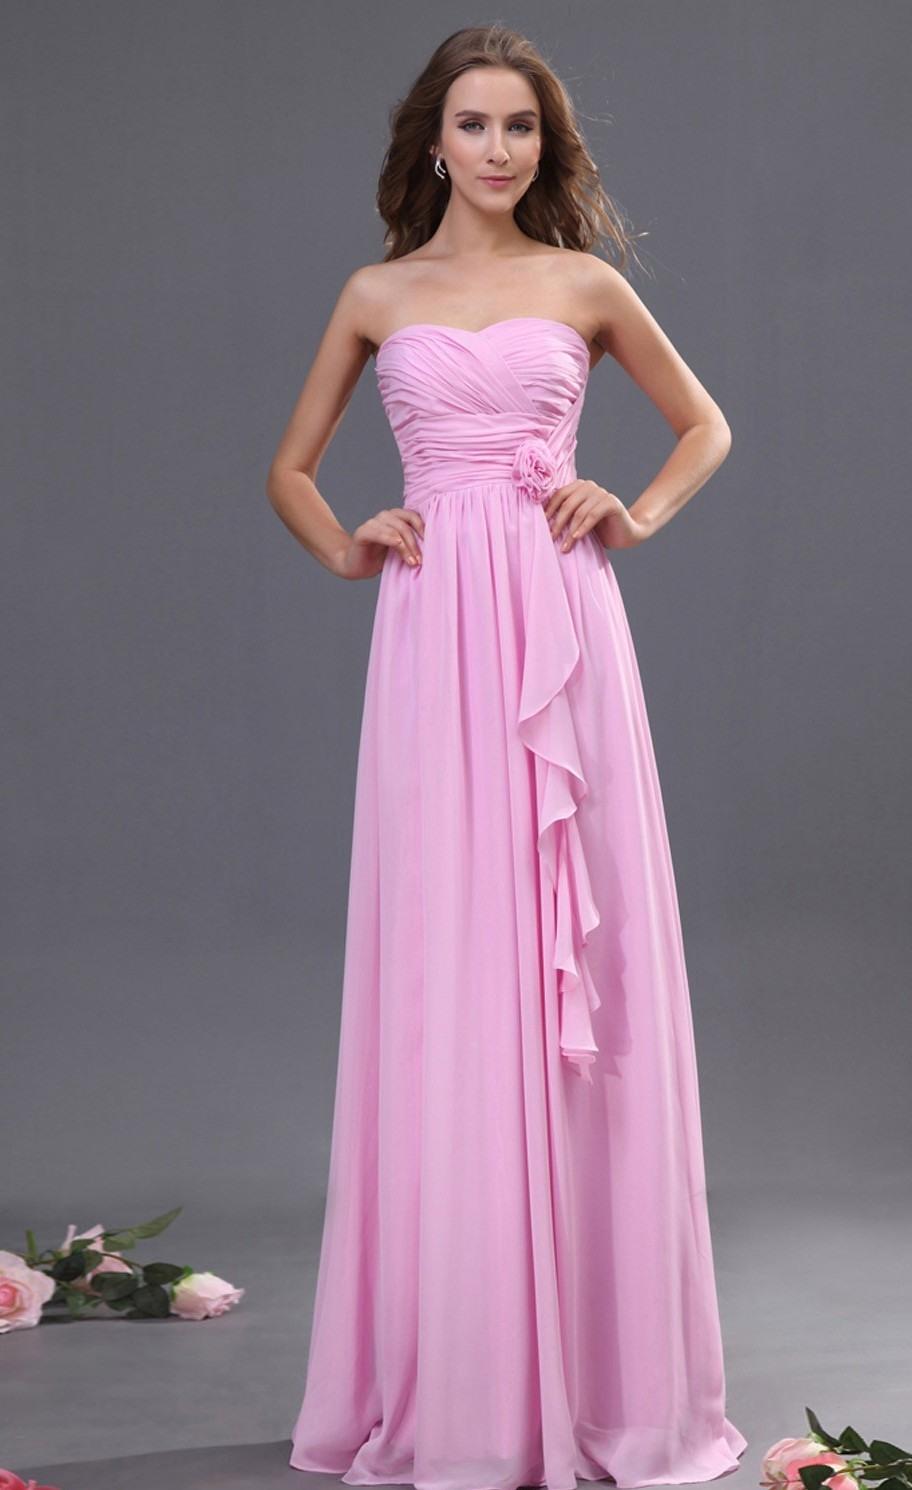 Abend Coolste Kleider Für Hochzeit Galerie Luxus Kleider Für Hochzeit Bester Preis